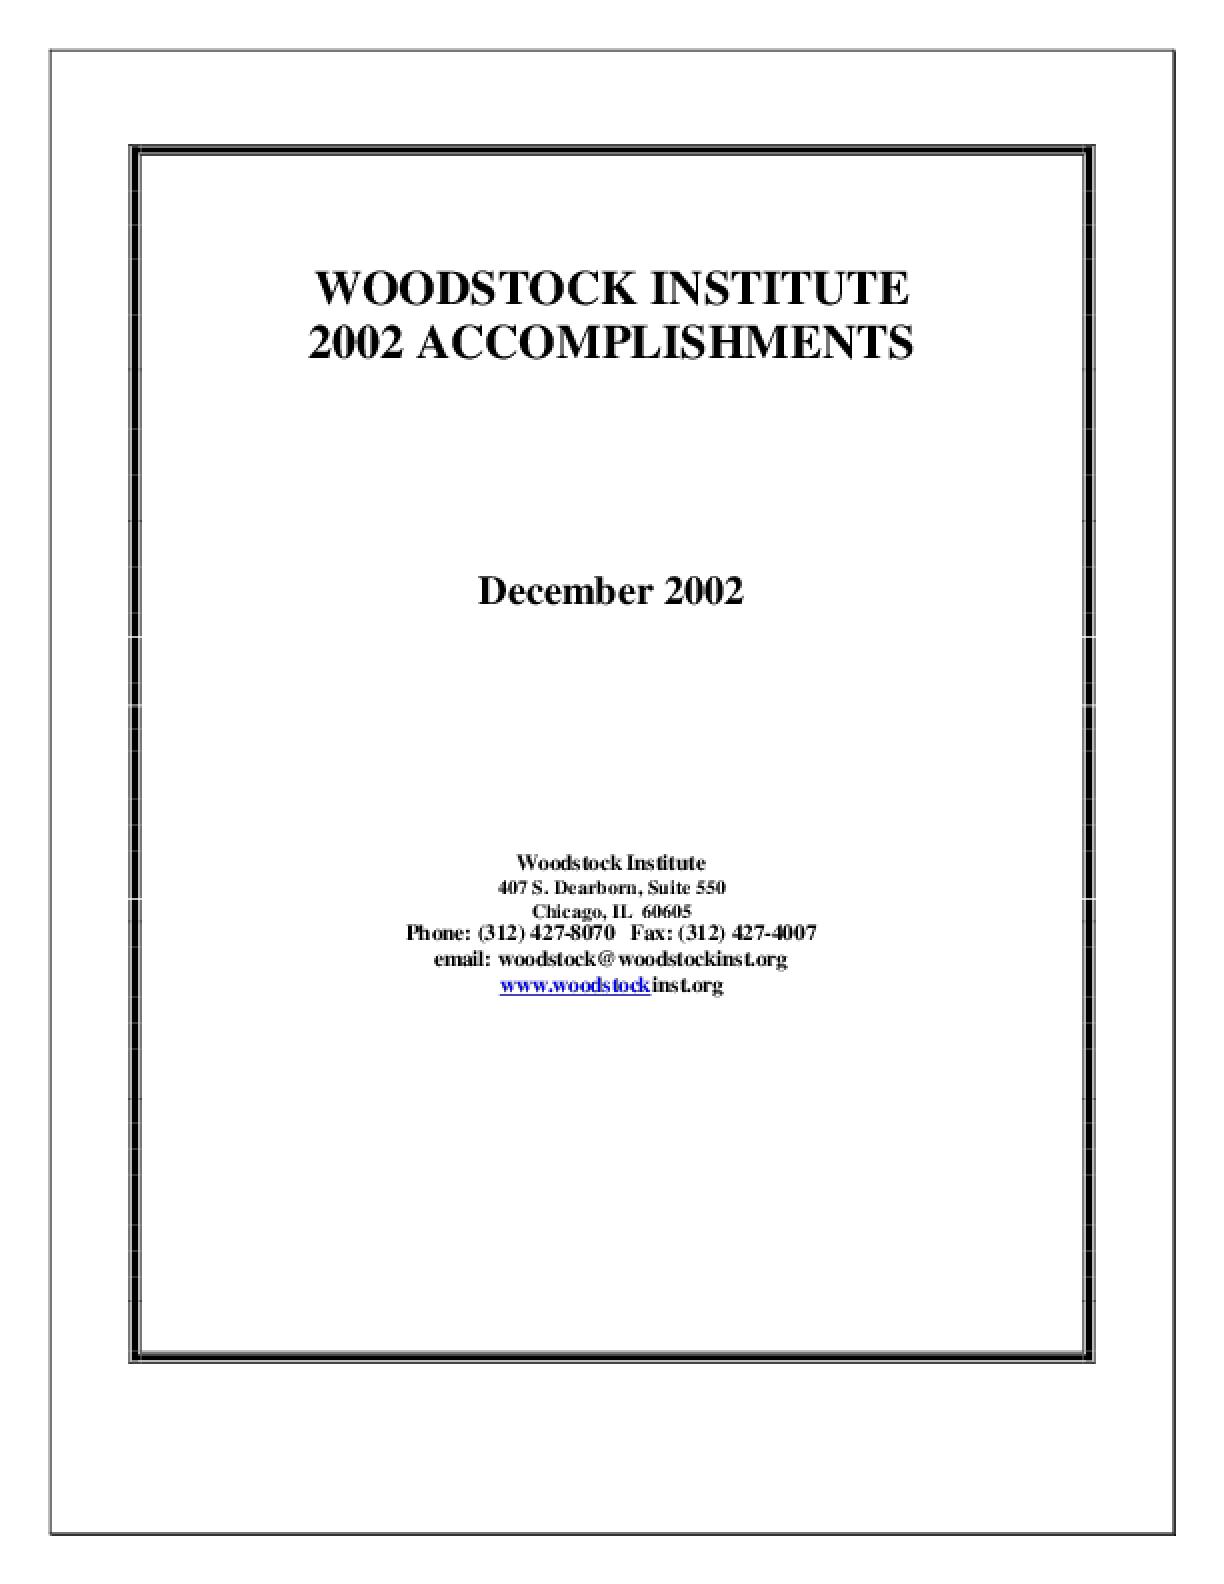 Woodstock Institute 2002 Annual Report